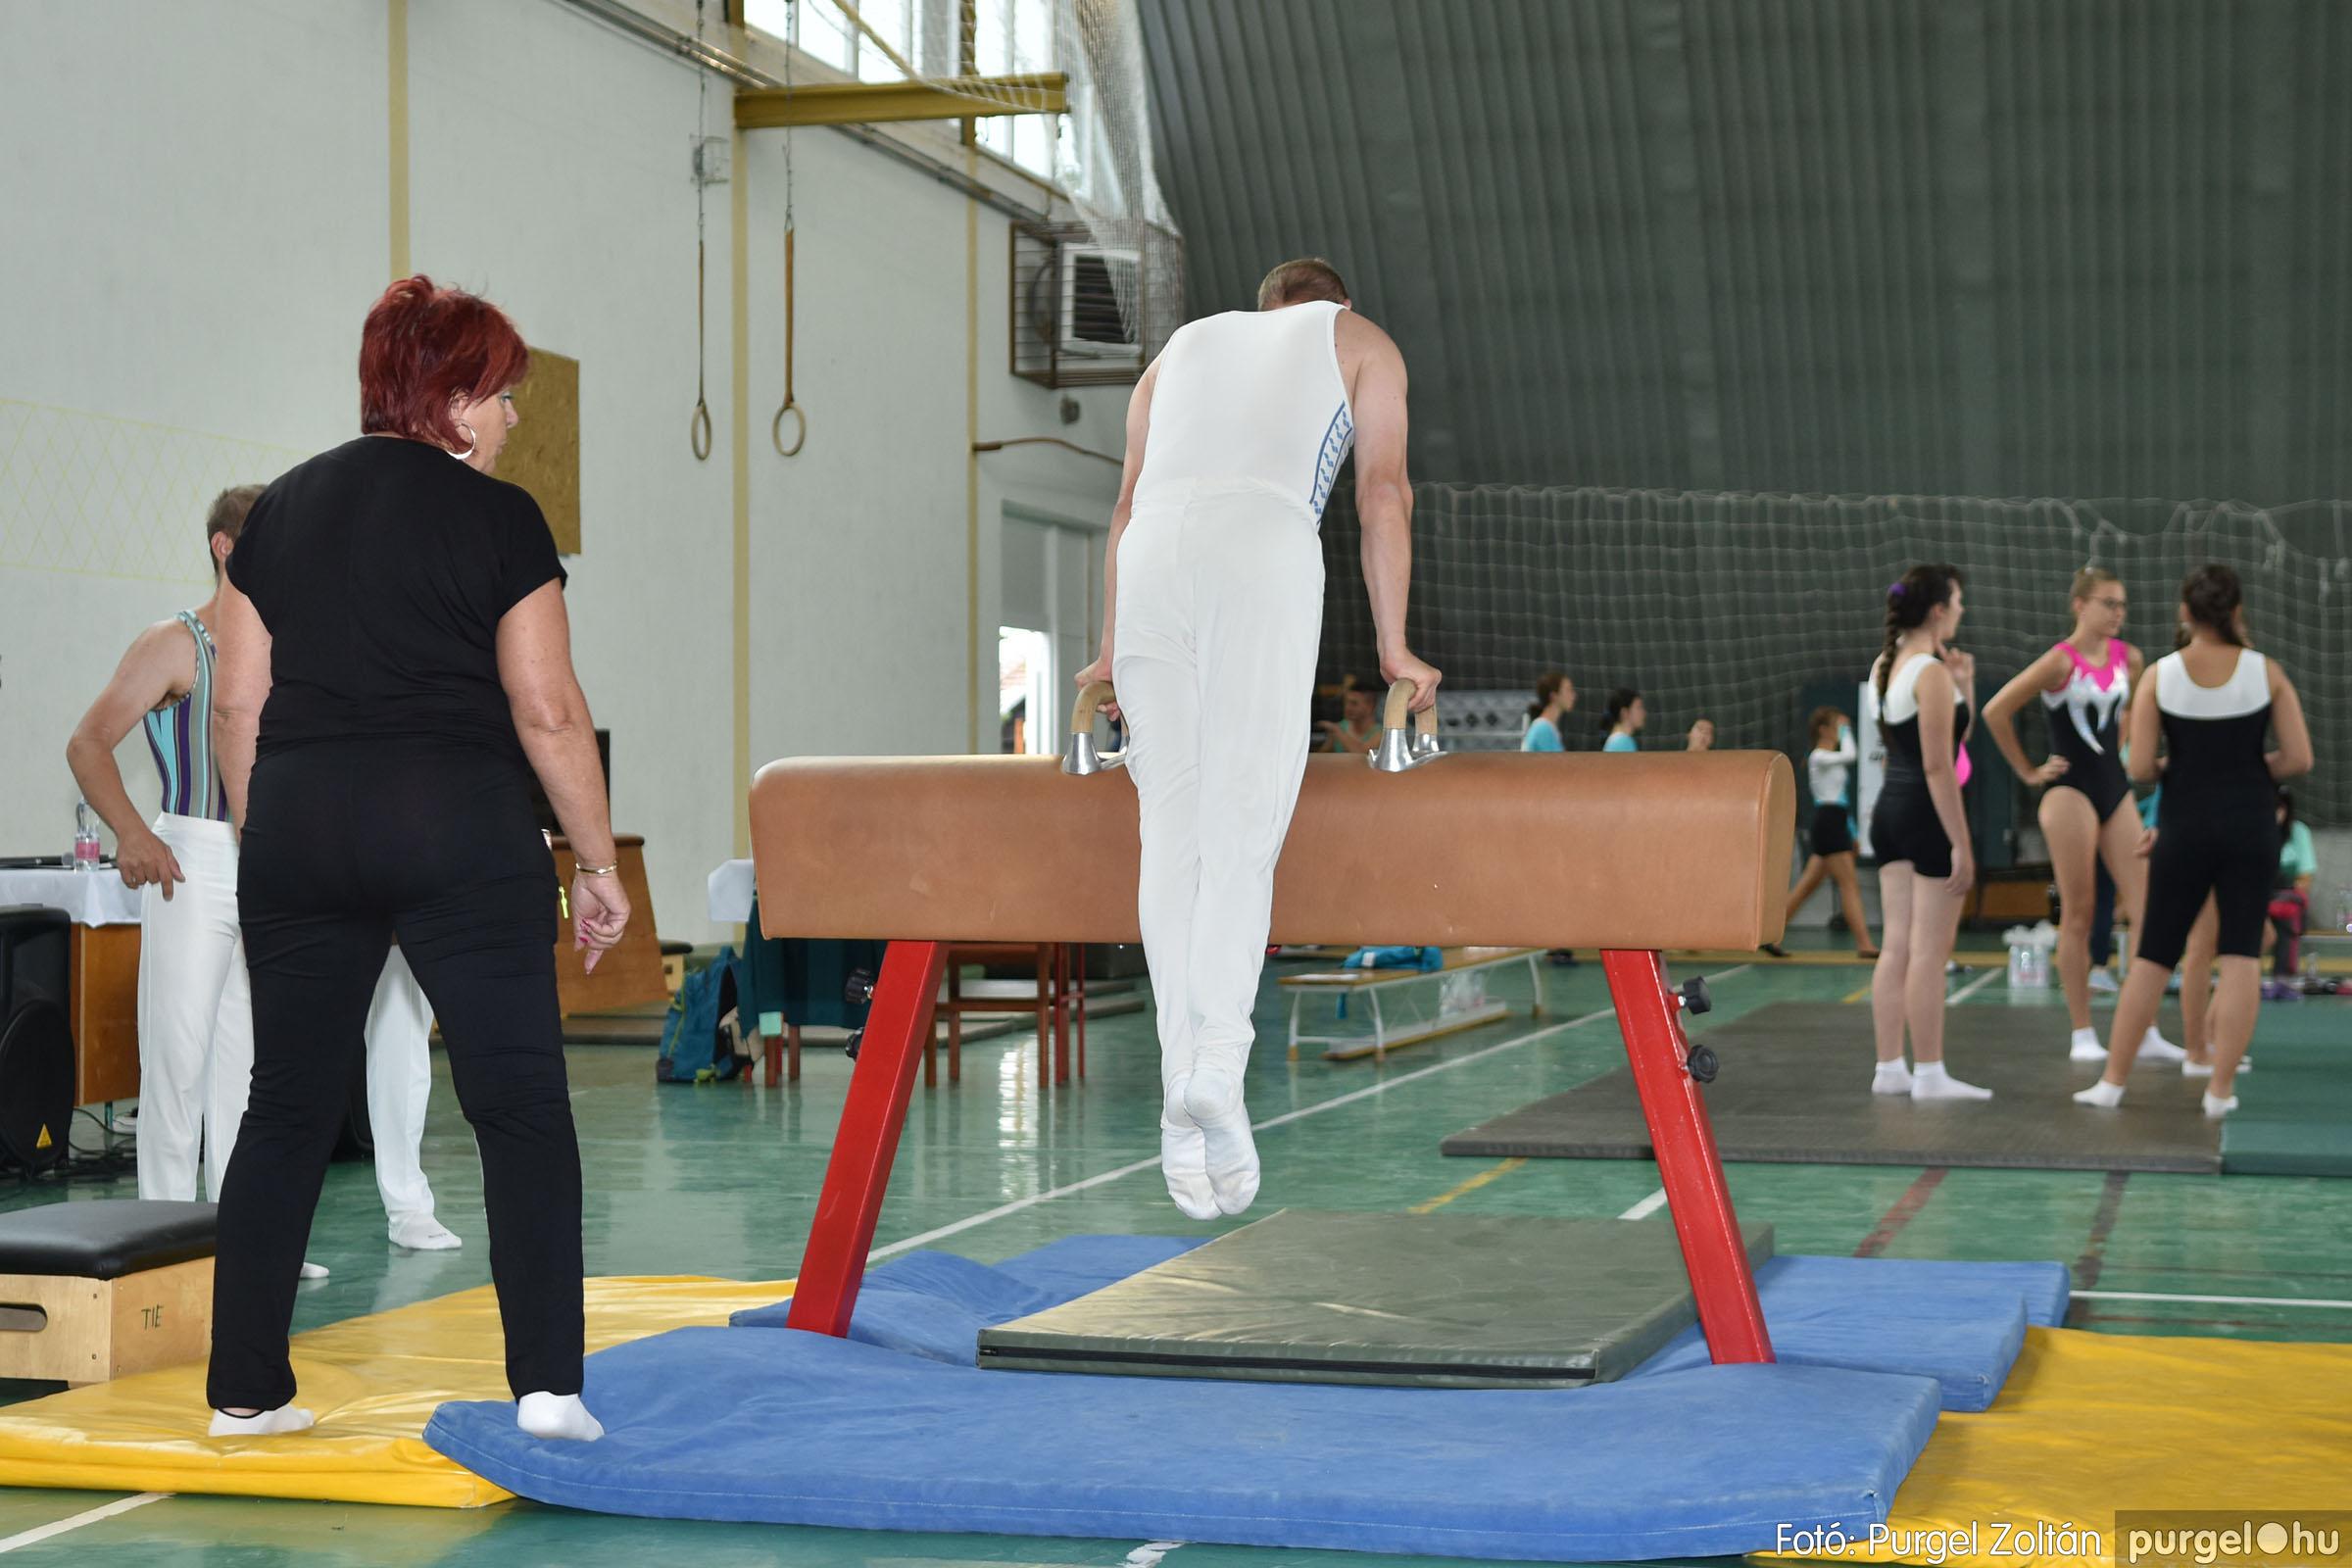 2021.08.27. 018 VII. Speciális Olimpia Nyári Nemzeti Játékok szegvári megnyitója.jpg